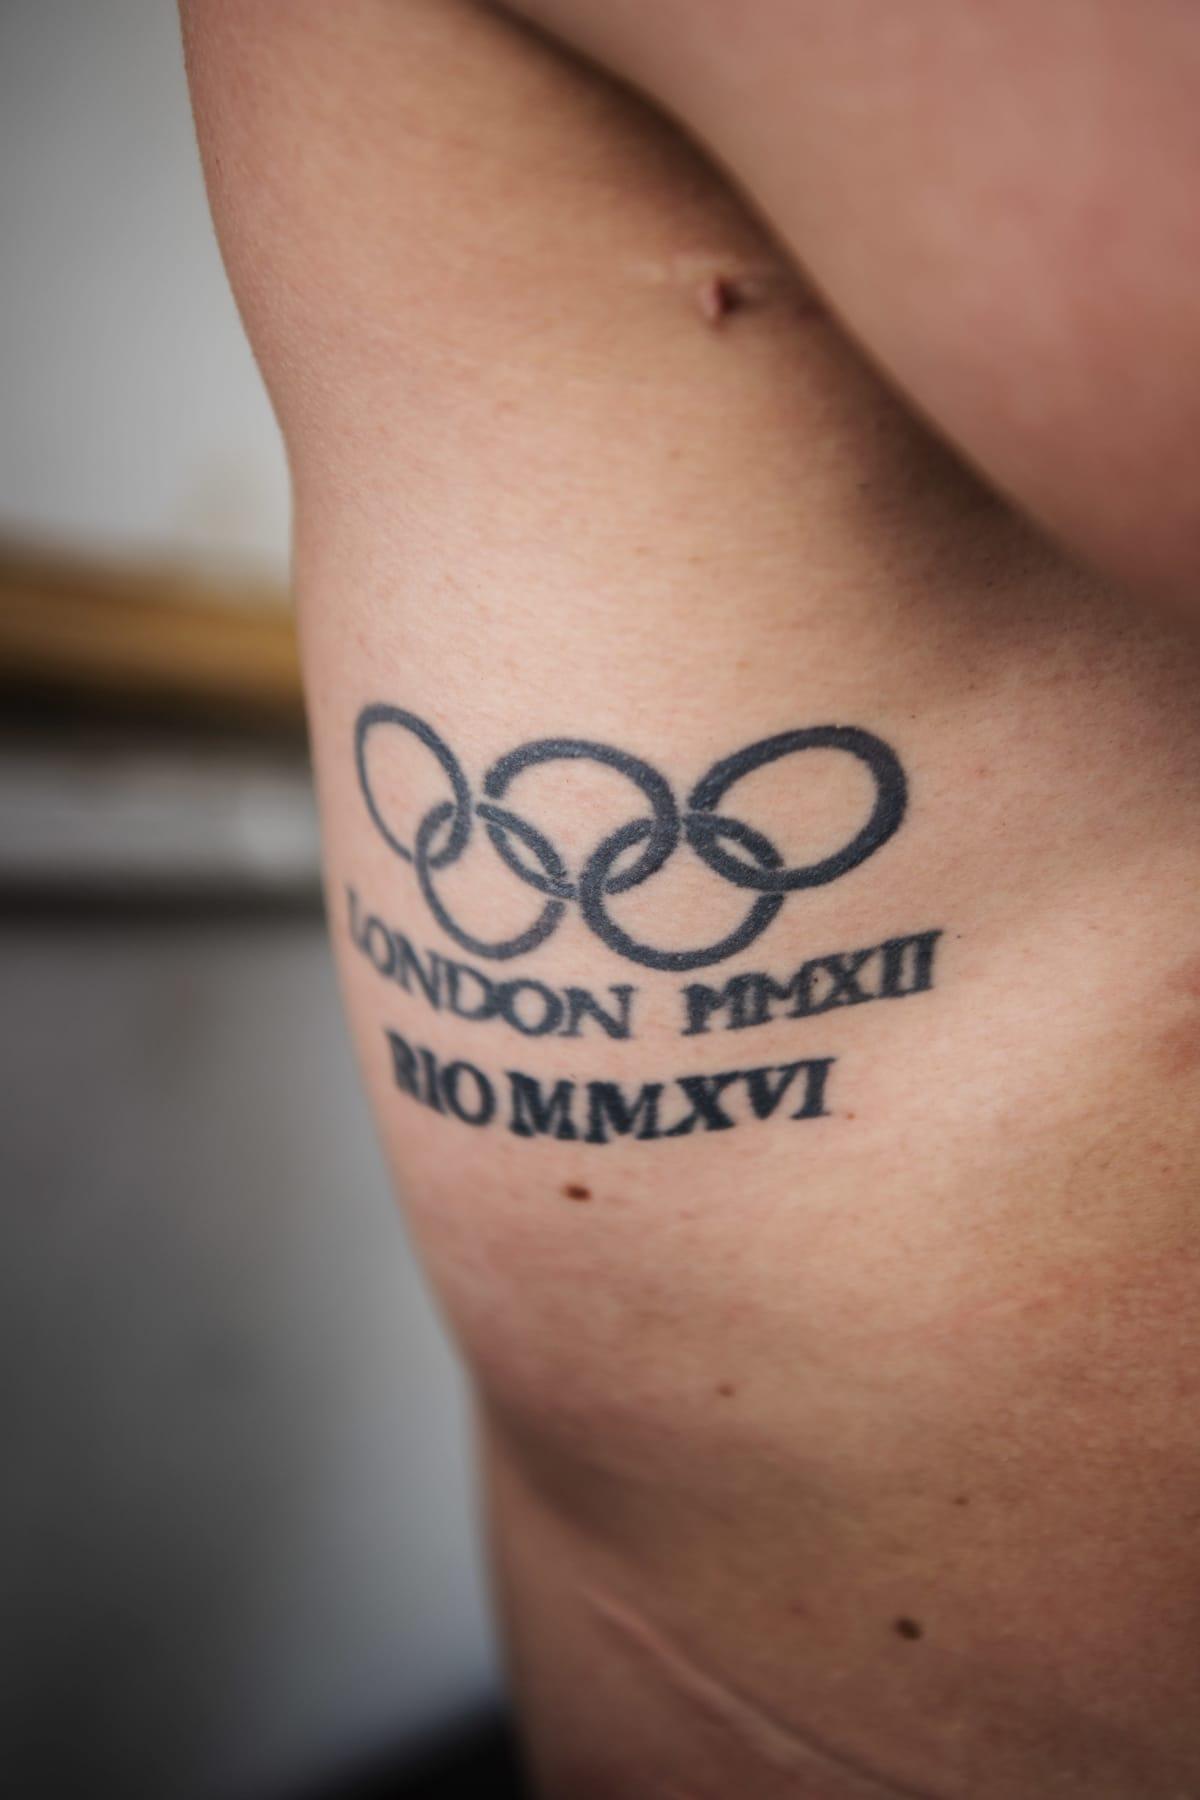 Mattilan kyljessä on tatuointi olympialaisista 2012 ja 2016.